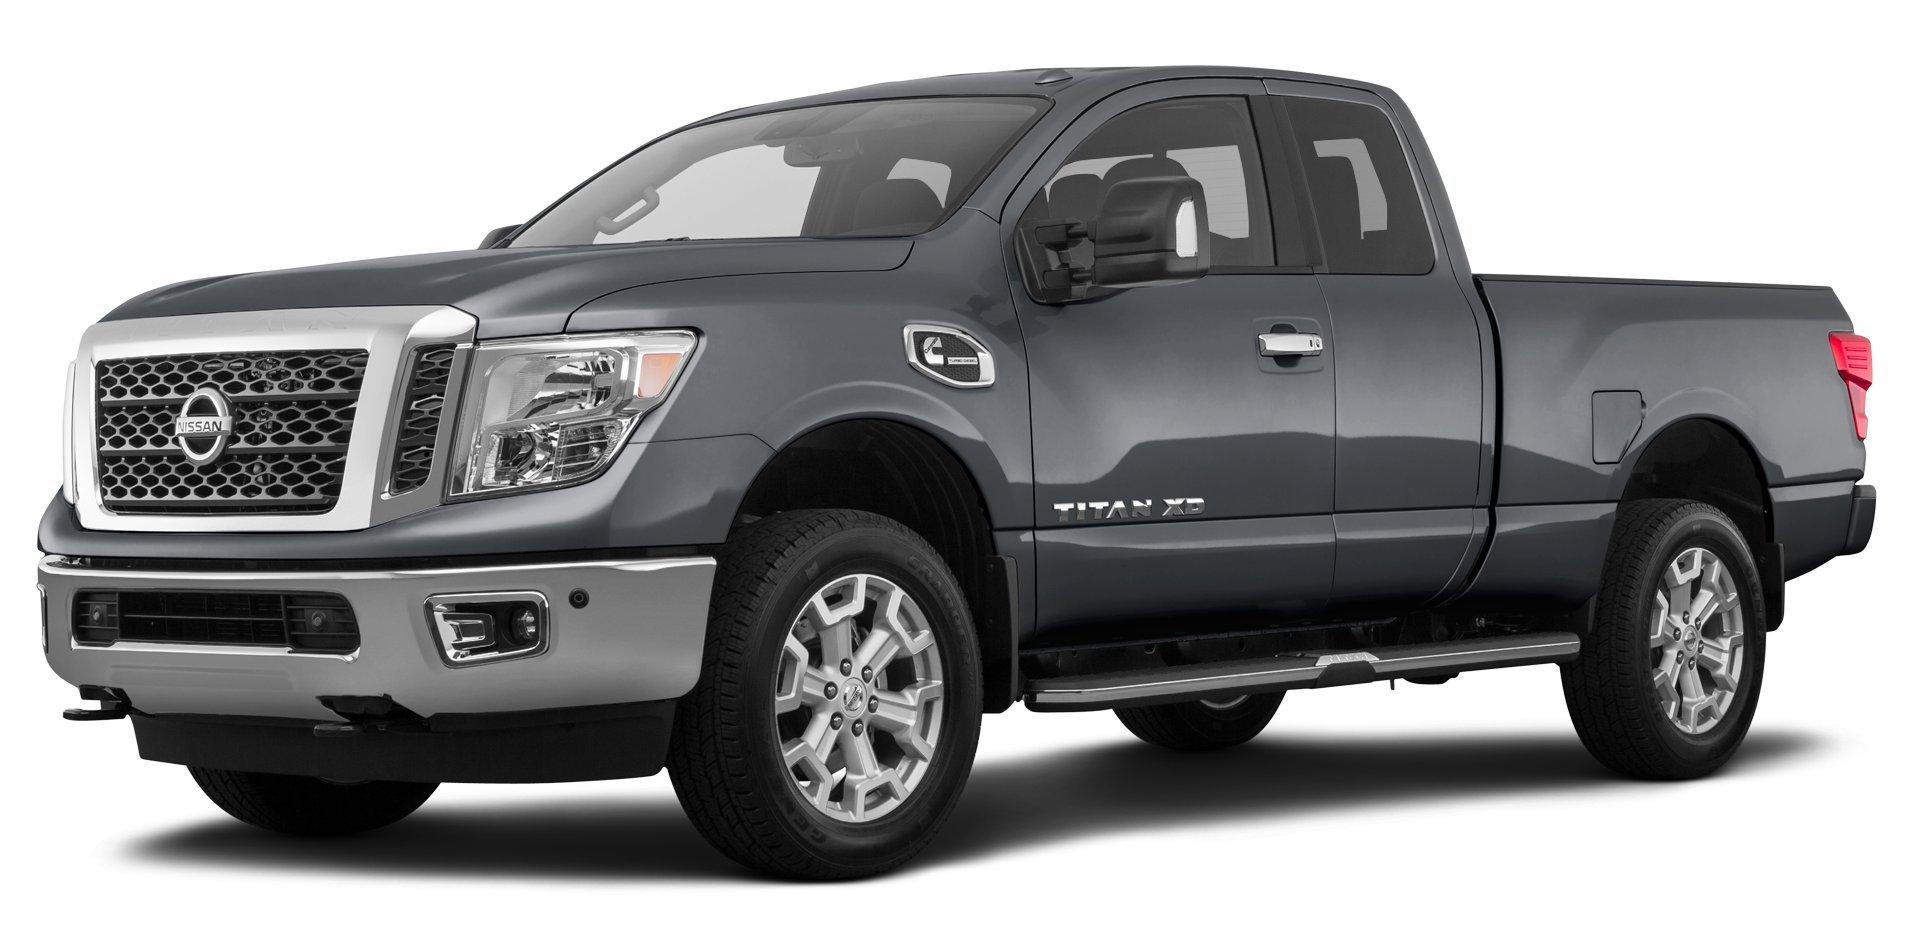 Amazon.com: 2017 Chevrolet Silverado 1500 Reviews, Images, and ...